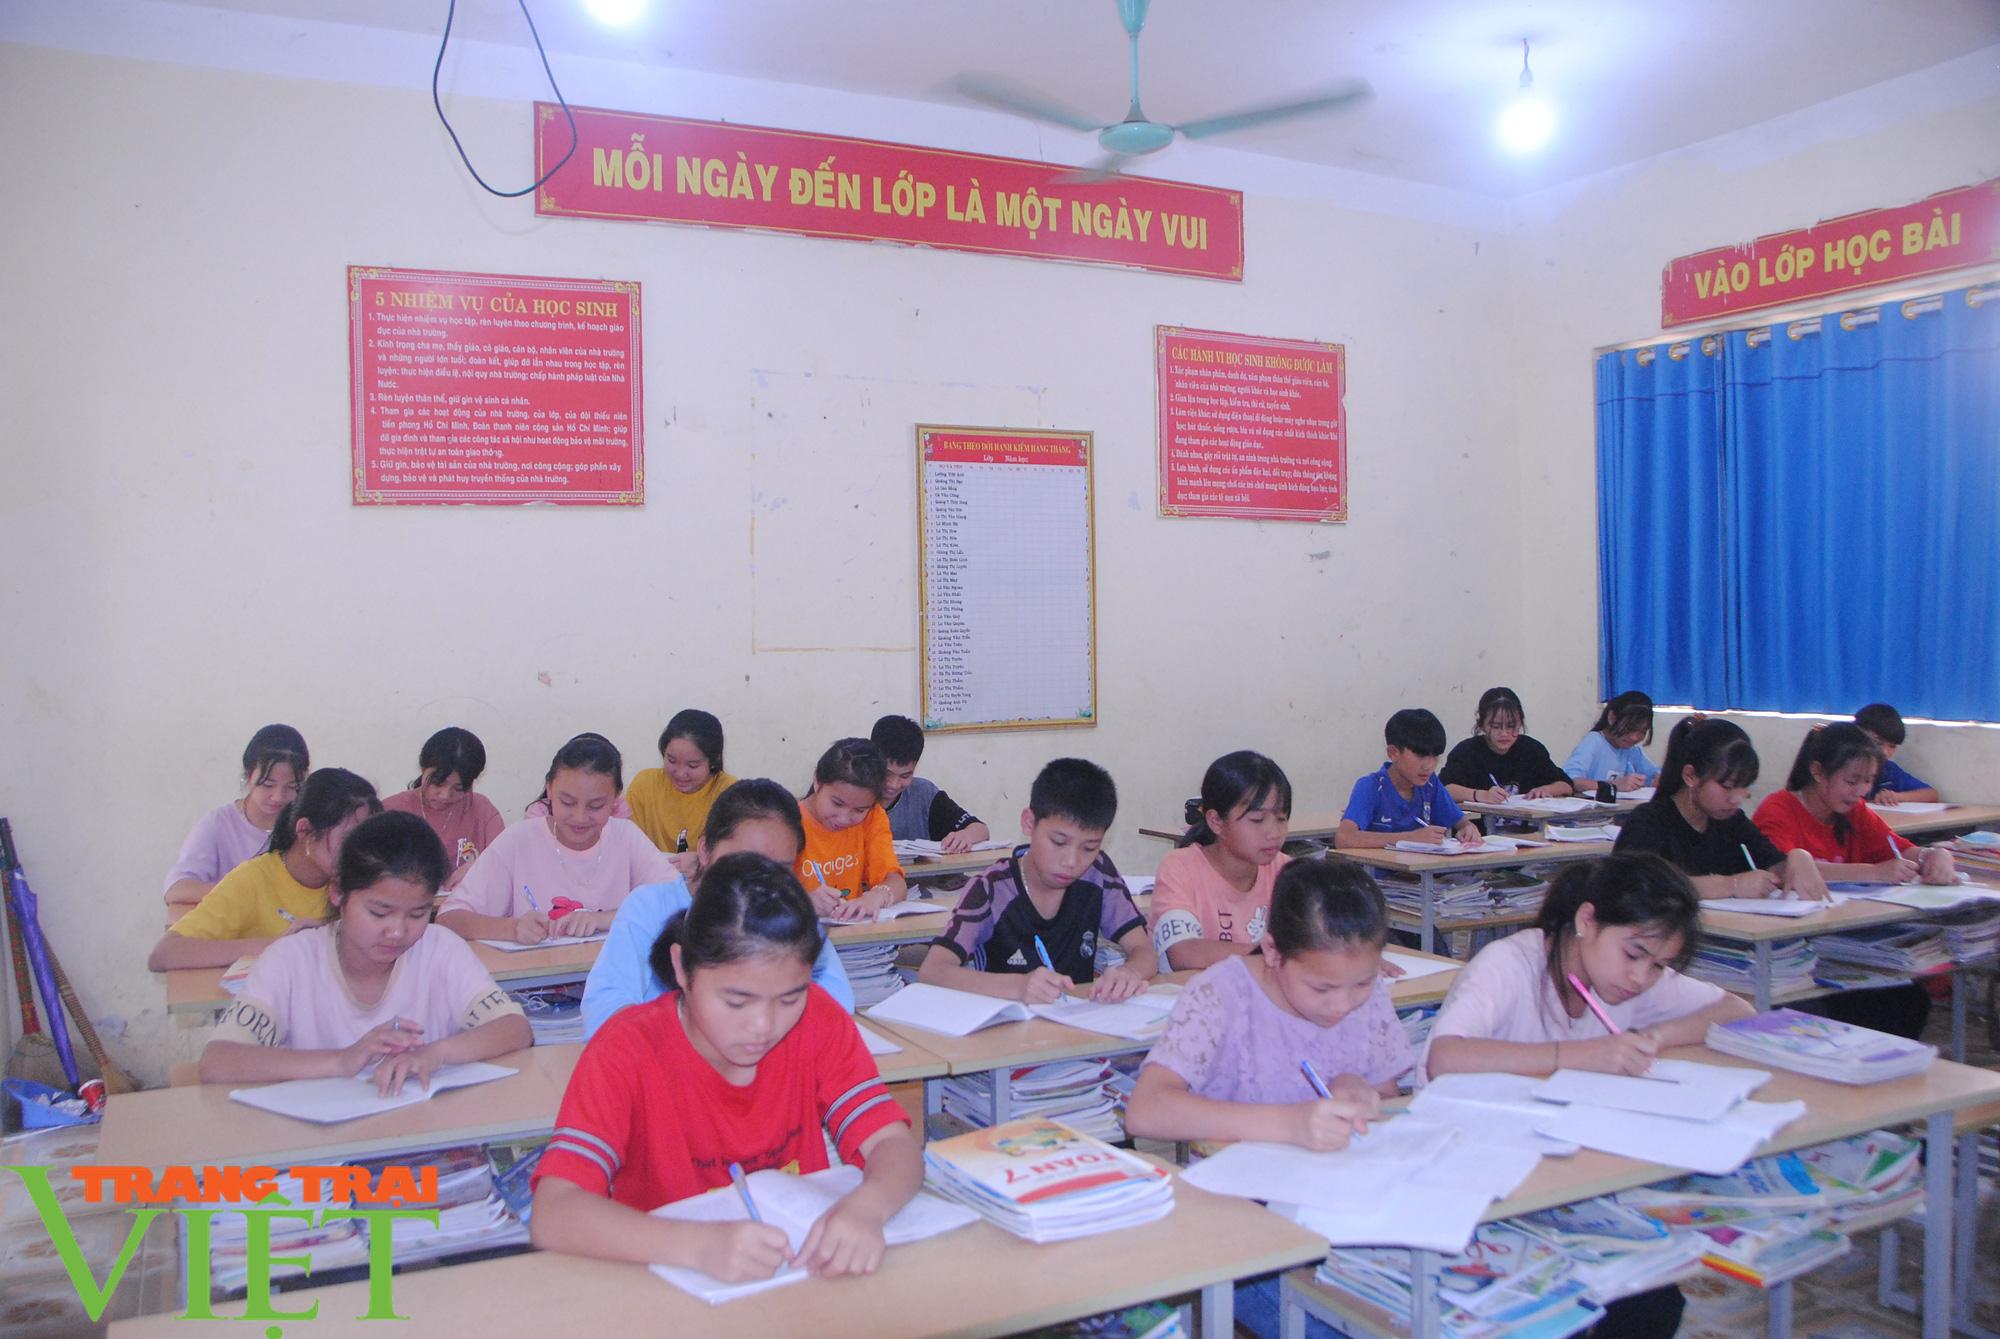 Trường PTDT Nội trú: Nơi chắp cánh ước mơ cho học sinh dân tộc - Ảnh 3.